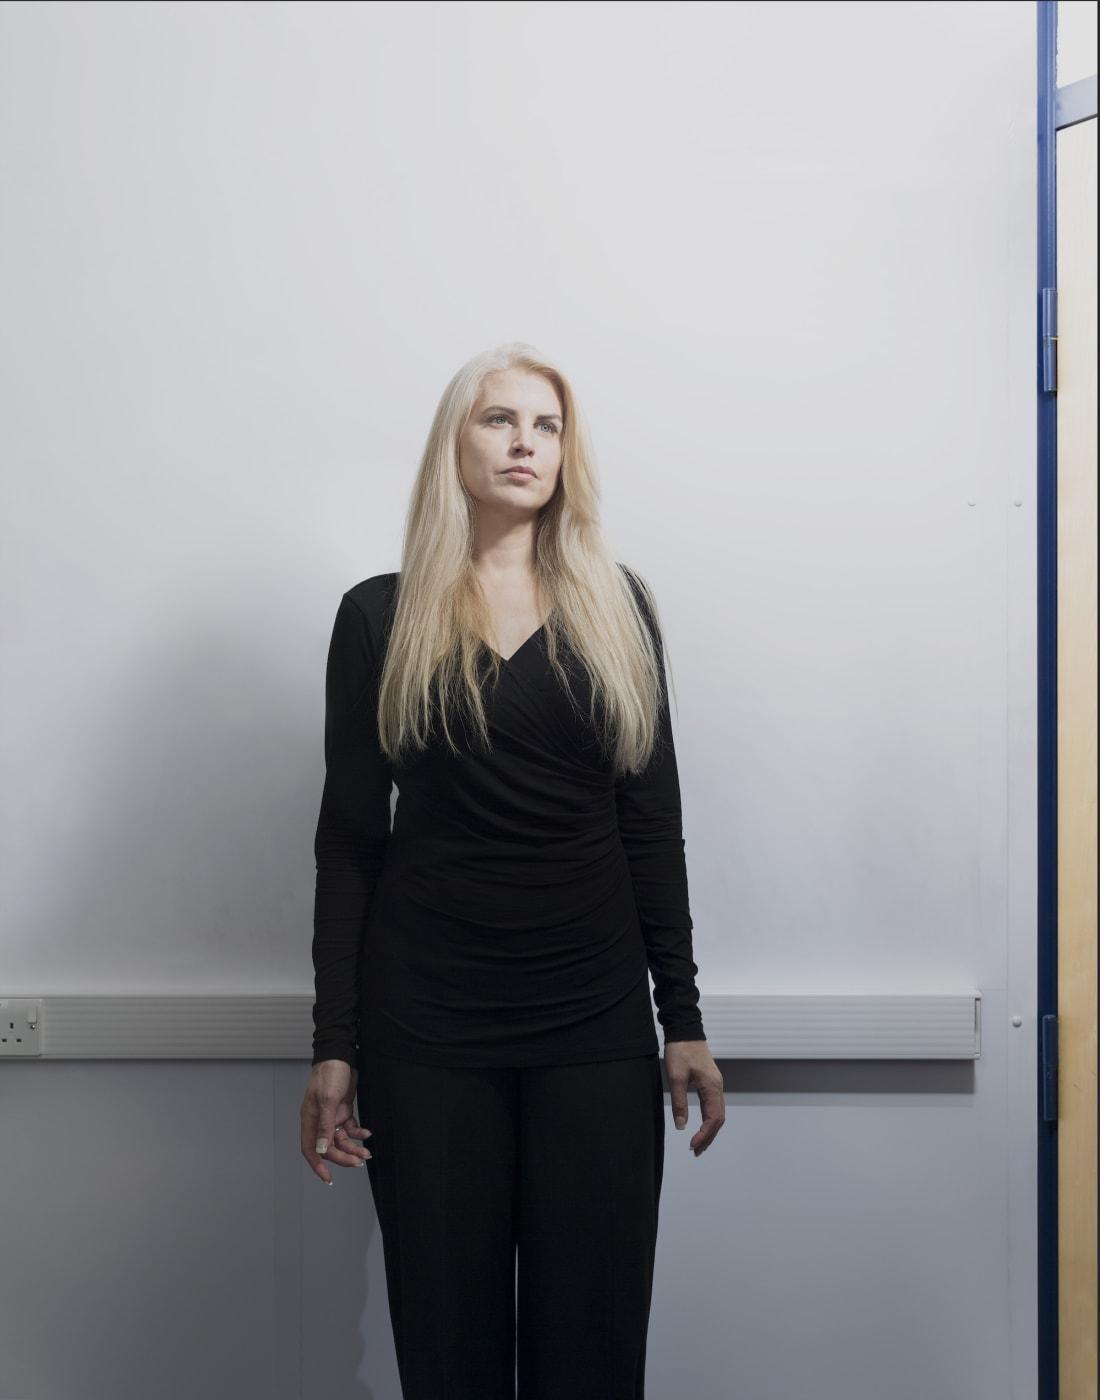 Лиз Пэрриш утверждает, что первой успешно прошла генную терапию, чтобы «излечить» биологическое старение.